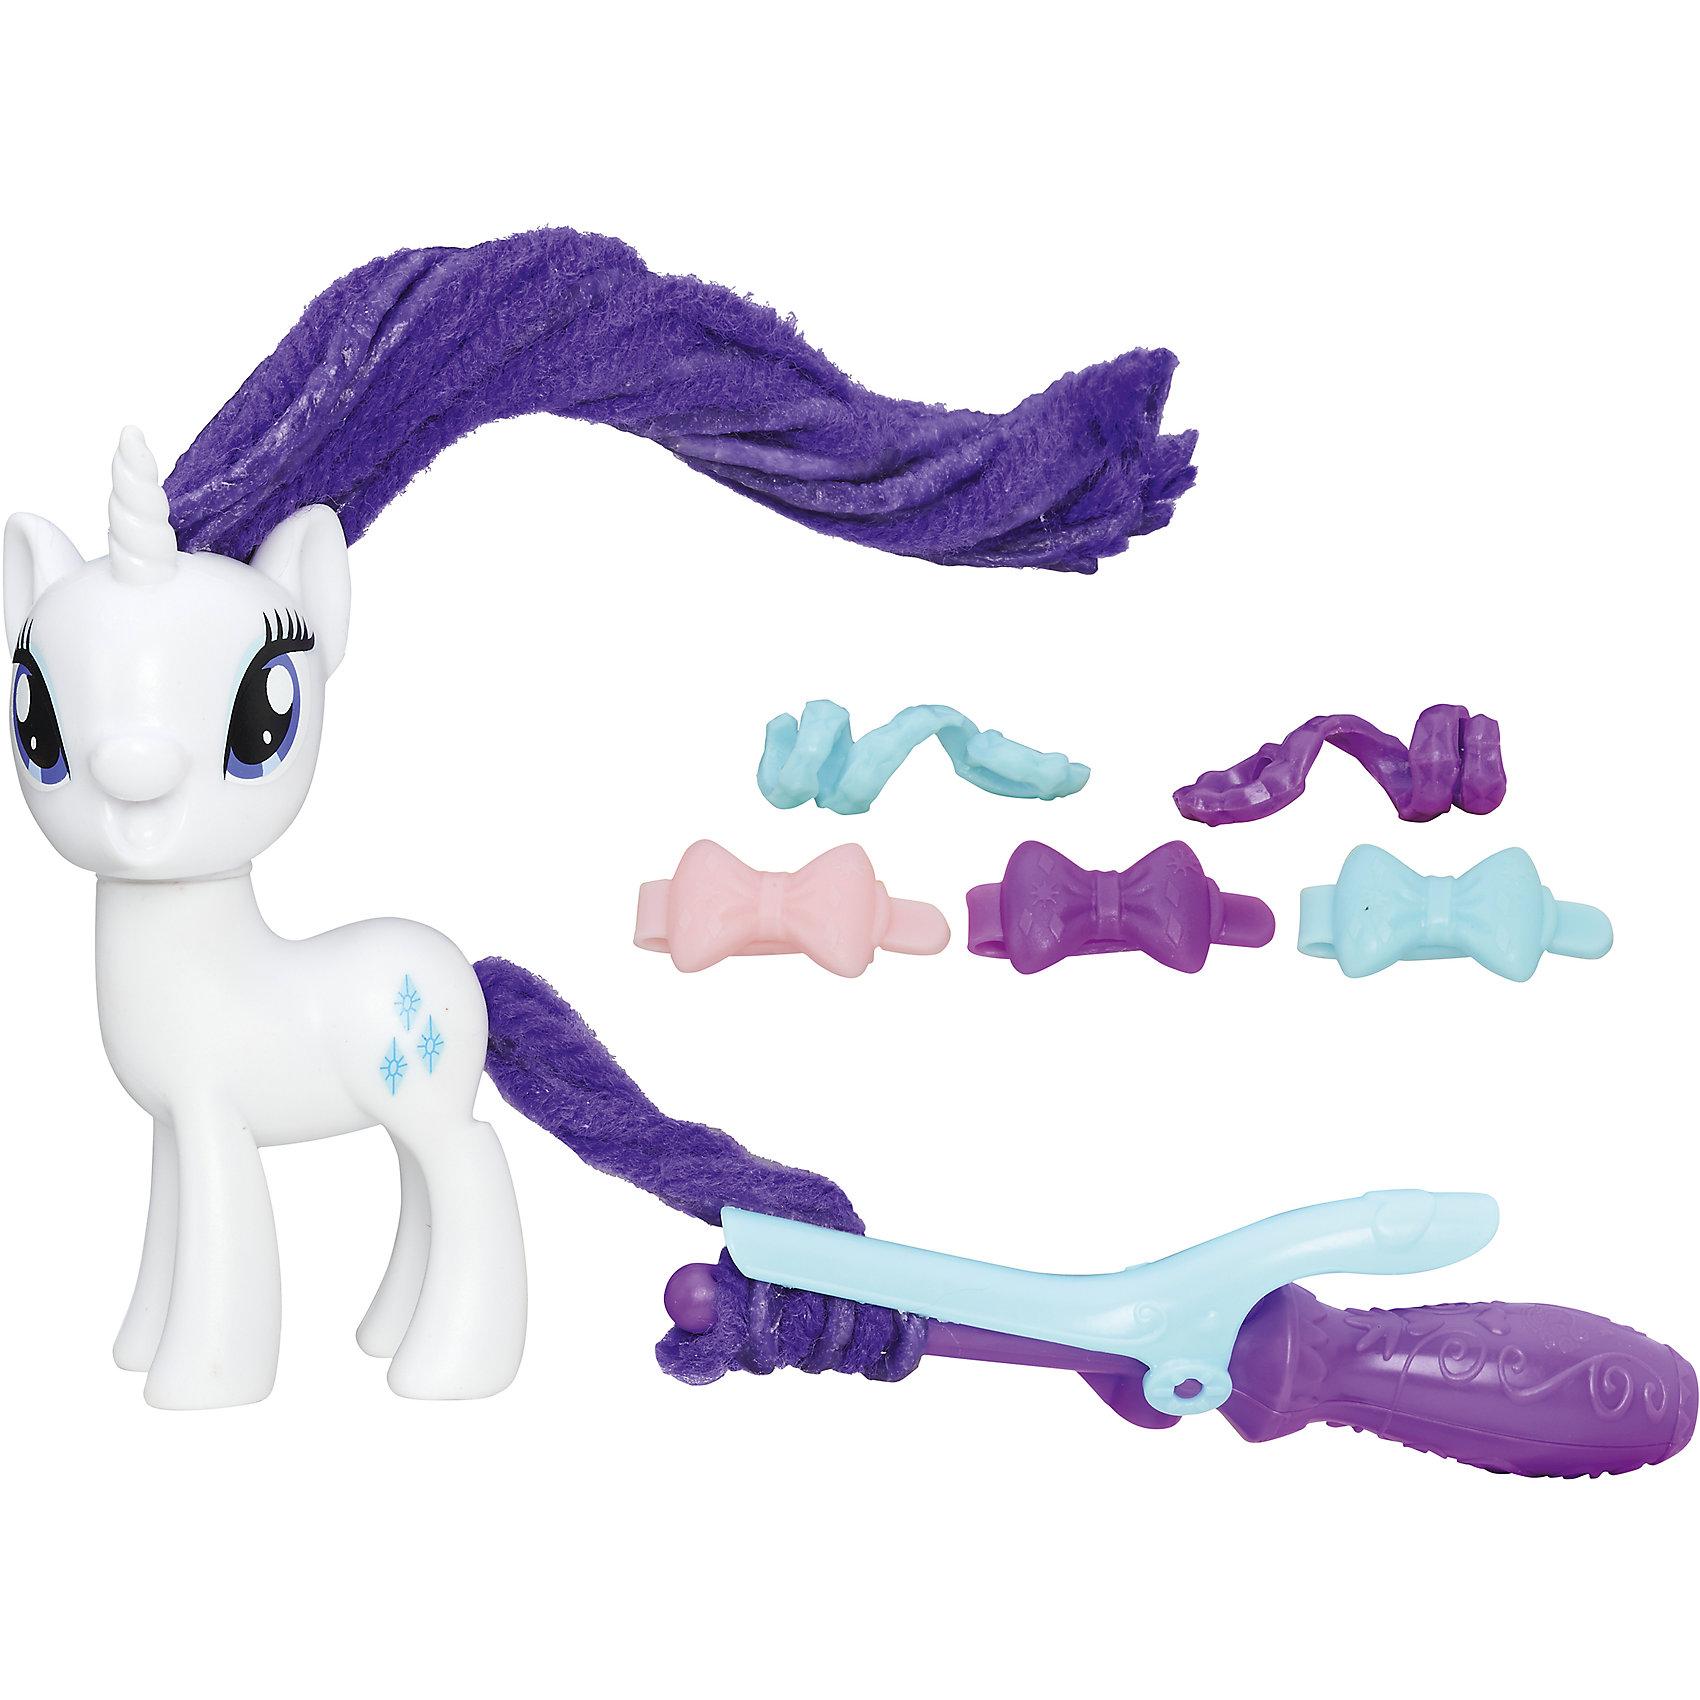 Пони с праздничными прическами, My little Pony, Рарити B8809/B9619Характеристики:<br><br>• Вид игр: сюжетно-ролевые, коллекционирование<br>• Пол: для девочек<br>• Коллекция: My little Pony<br>• Материал: пластик<br>• Высота фигурки: 7,5 см<br>• Комплектация: фигурка пони, плойка, ленточка и 3 заколки для прически<br>• Гриву и хвост можно завивать и укладывать в разные прически<br>• Голова пони поворачивается в стороны<br>• На фигурке имеется сканируемая метка, которая открывает доступ и дополнительные возможности в бесплатном мобильном приложении My Little Pony Friendship Celebration<br>• Вес в упаковке: 210 г<br>• Размеры упаковки (Г*Ш*В): 27*7,5*24 см<br>• Упаковка: блистер на картонной подложке<br><br>Пони с праздничными прическами: Рарити, My little Pony, B8809/B9619 – это новая коллекция бренда My little Pony от Хасбро. В коллекции представлены фигурки Эпплджек, Рарити и Пинки Пай. Особенности этой коллекции заключаются в том, что у фигурок пони гривы и хвостики выполнены из материала, который можно завивать плойкой или накручивать на бигуди. Эти инструменты для создания локонов предусмотрены в комплекте. Благодаря такой завивки можно создать красивые локоны у пони, которые долго держаться. Для создания праздничной прически в зависимости от комплекта в наборе предусмотрены разноцветные заколки и ленточки. Фигурки и аксессуары выполнены из экологически безопасного и прочного пластика, который устойчив к физическим и механическим повреждениям, окрашены нетоксичными яркими красками, которые не изменяют свой цвет даже при длительной эксплуатации. Игры с такими фигурками будут способствовать развитию фантазии, воображения, научат девочку следить за своим внешним видом. Пони с праздничными прическами: Рарити, My little Pony, B8809/B9619 – это замечательный подарок для девочки к любому празднику!<br><br>Пони с праздничными прическами: Рарити, My little Pony, B8809/B9619 можно купить в нашем интернет-магазине.<br><br>Ширина мм: 52<br>Глубина мм: 206<br>Высота мм: 197<b